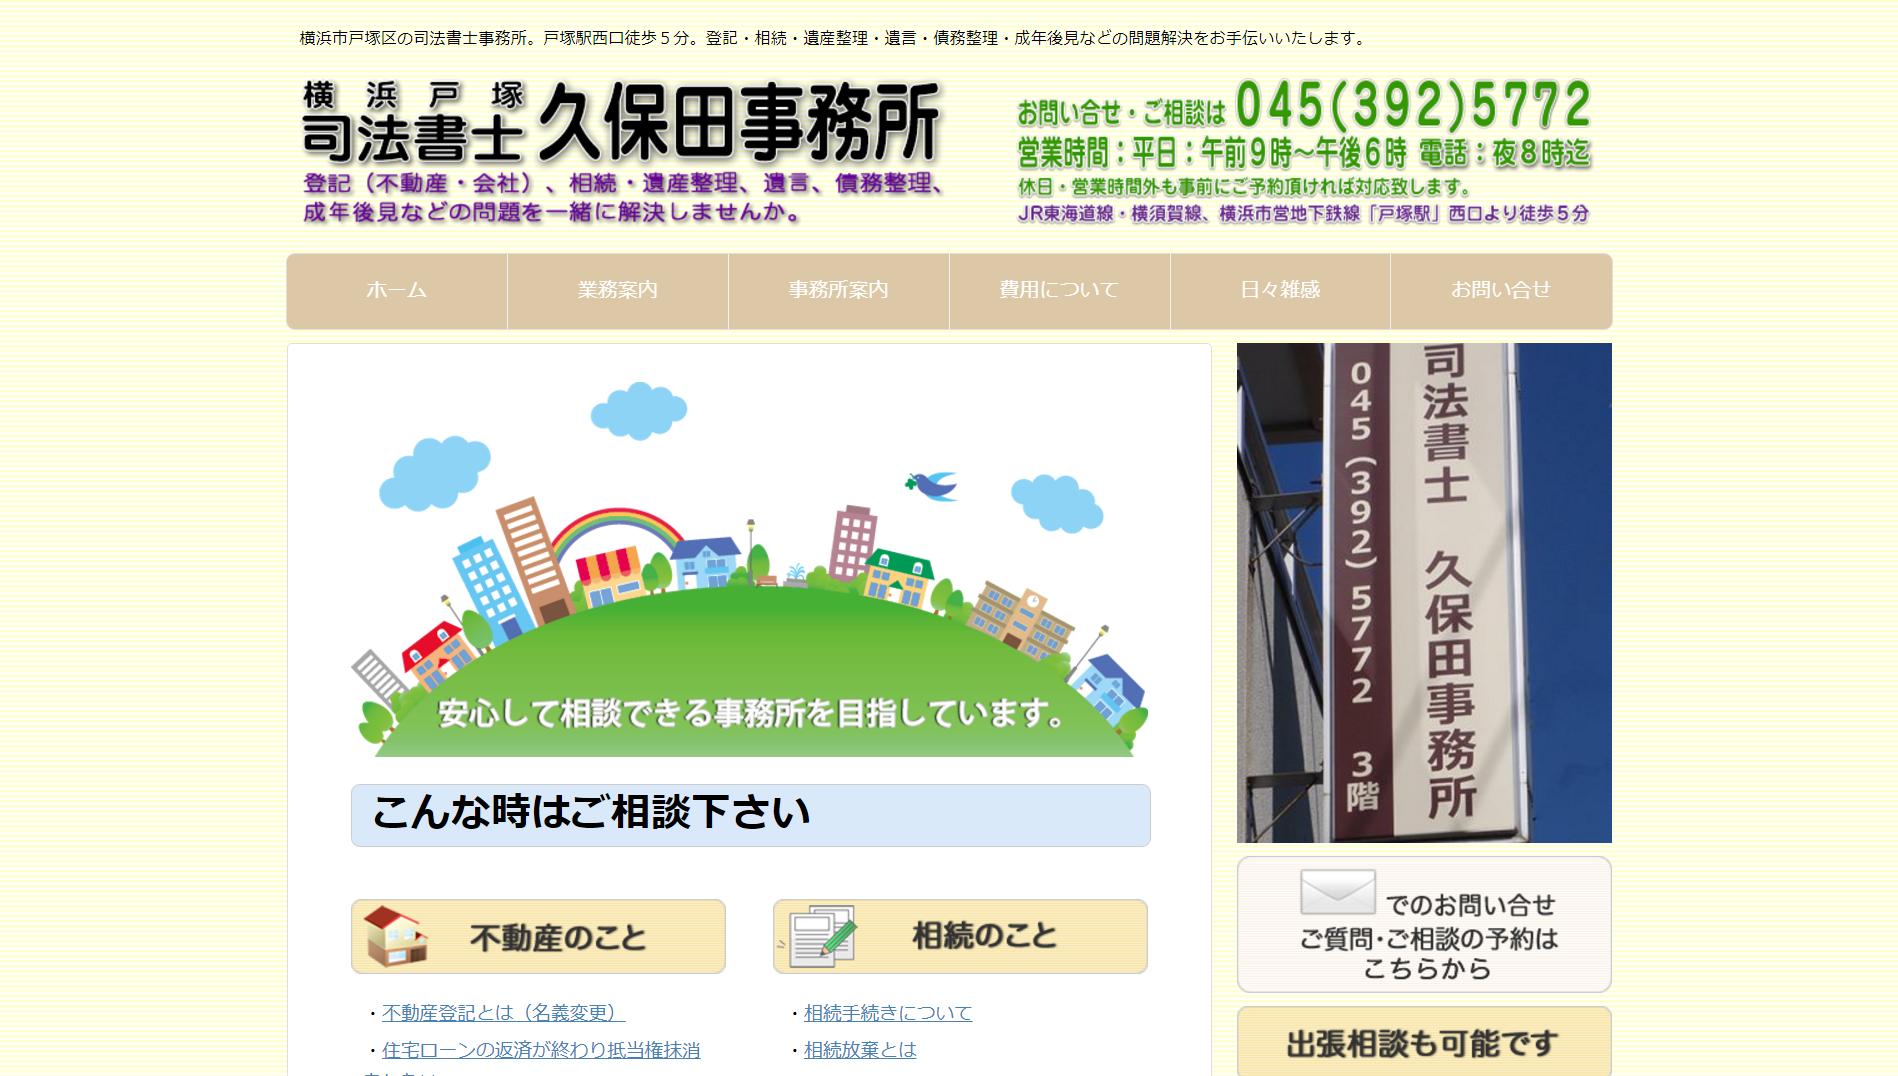 司法書士久保田事務所(神奈川県横浜市戸塚区)